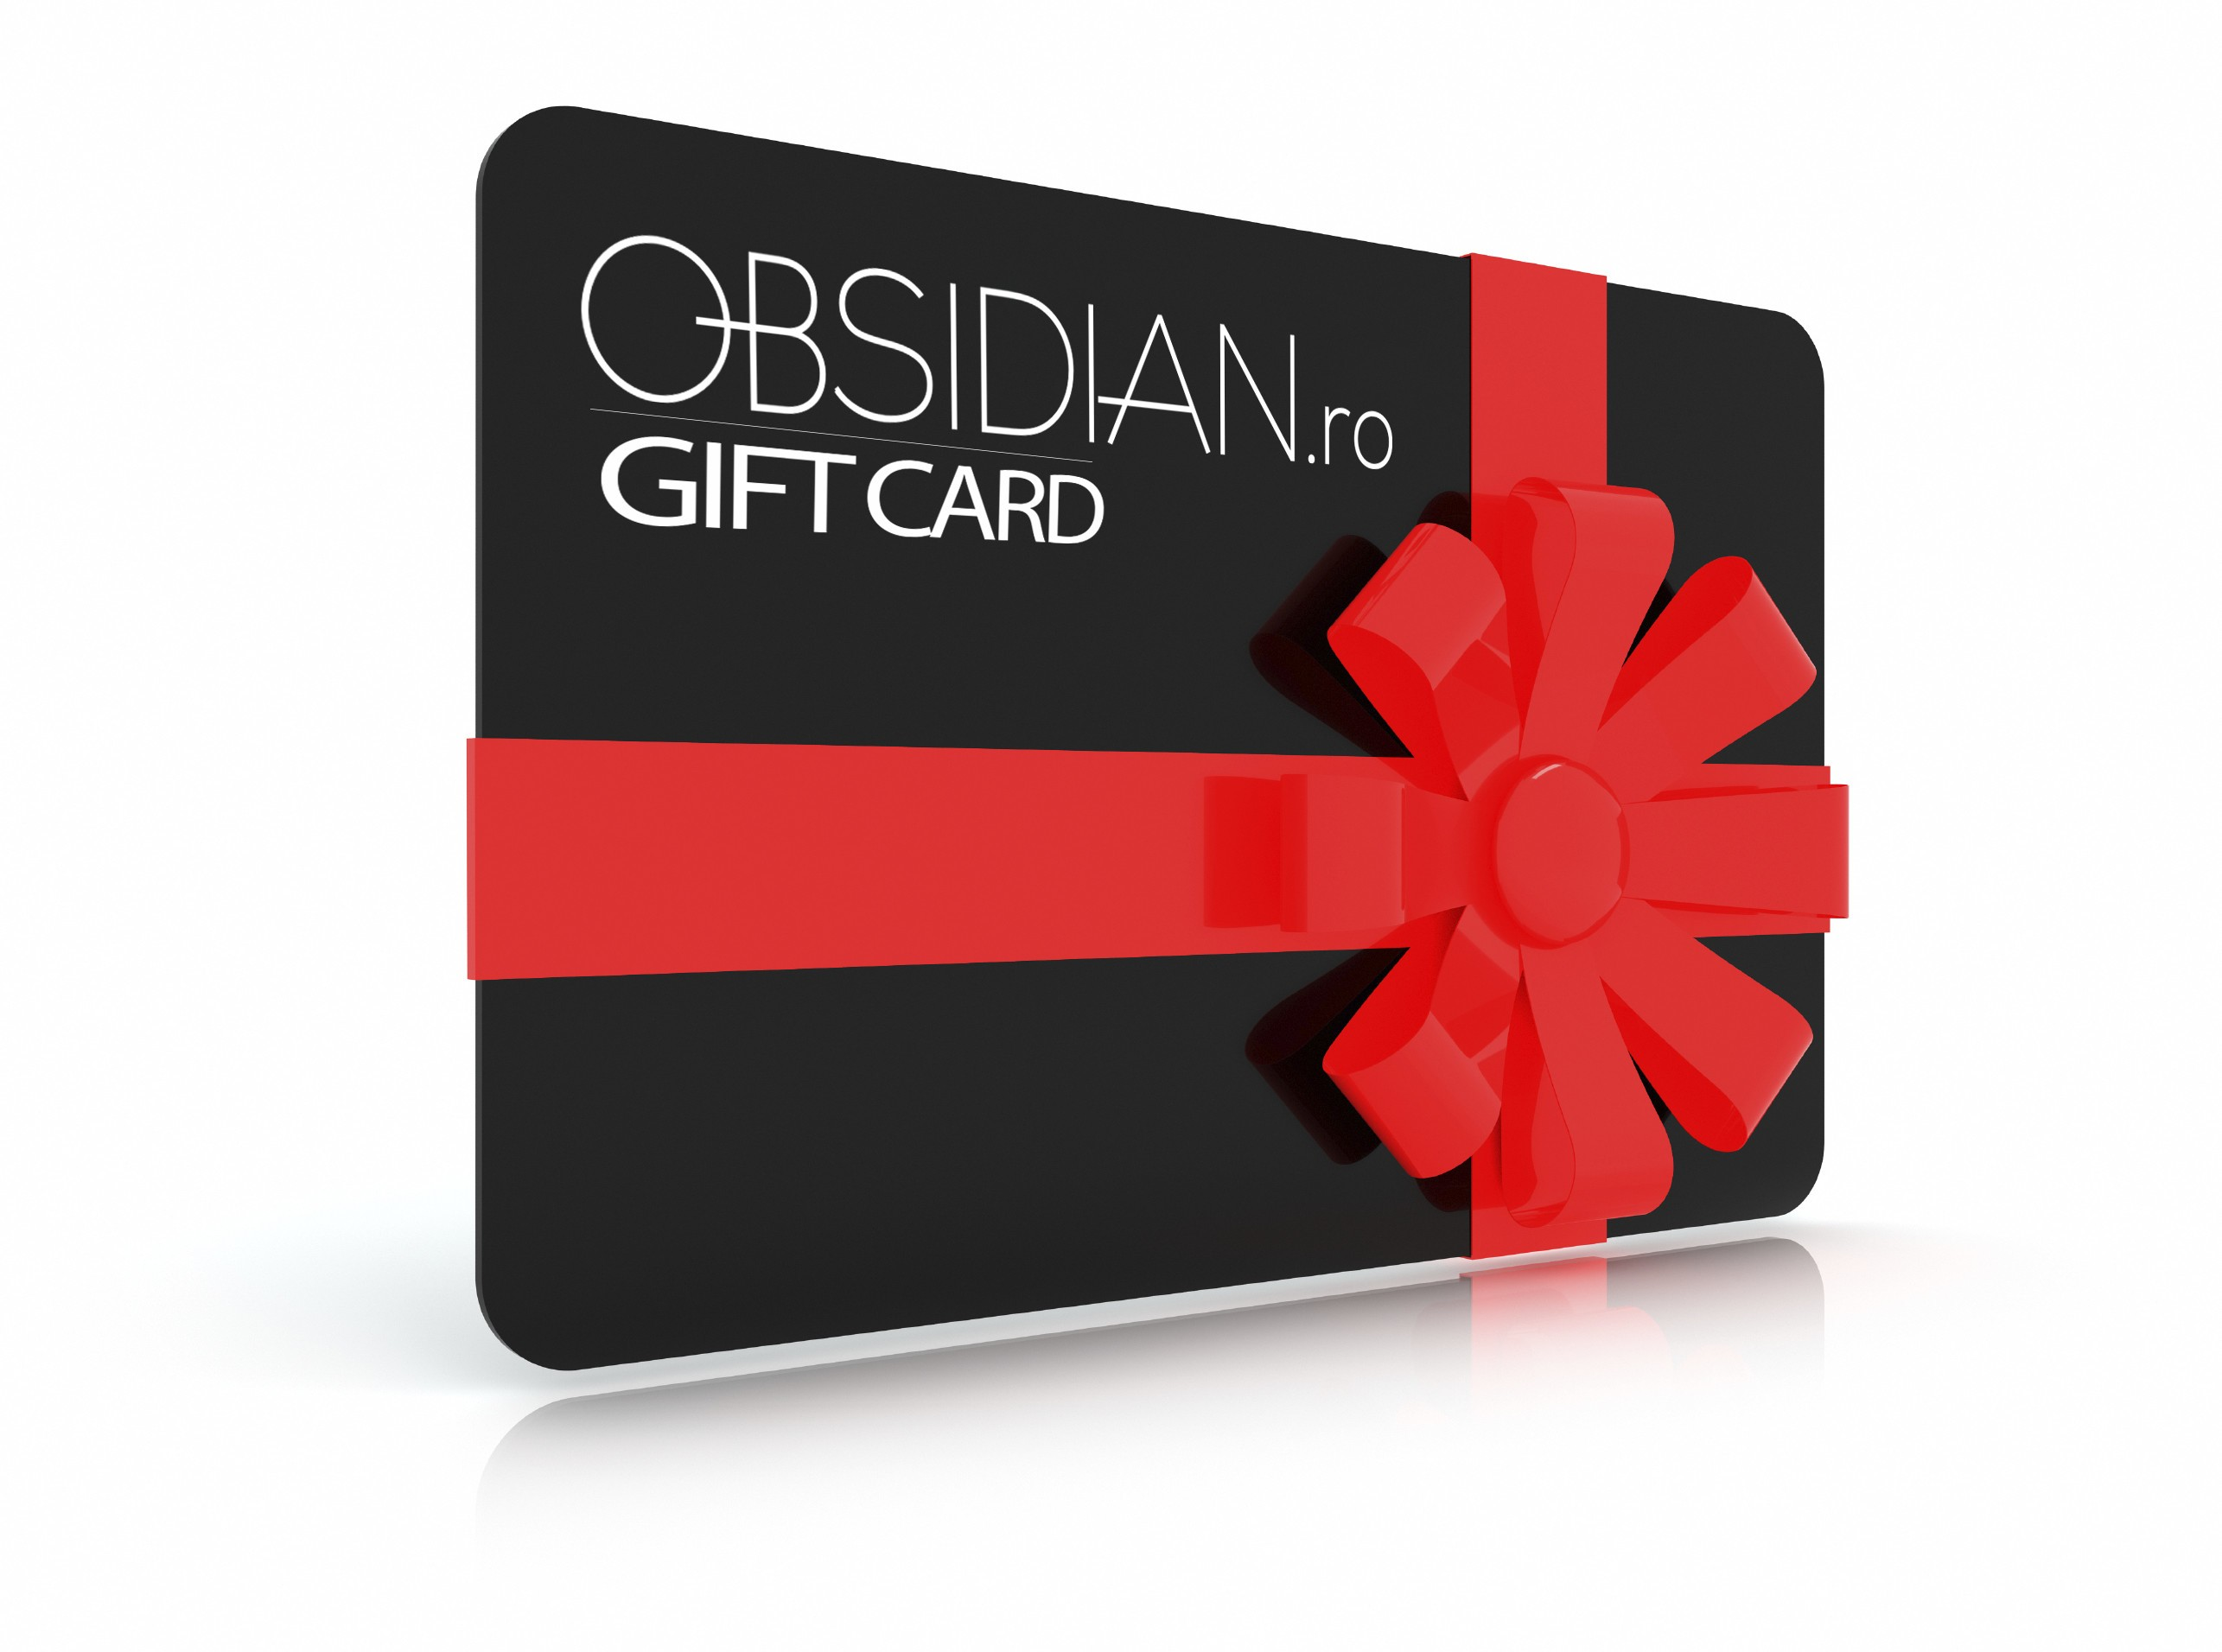 Imaginea principală pentru cardul cadou